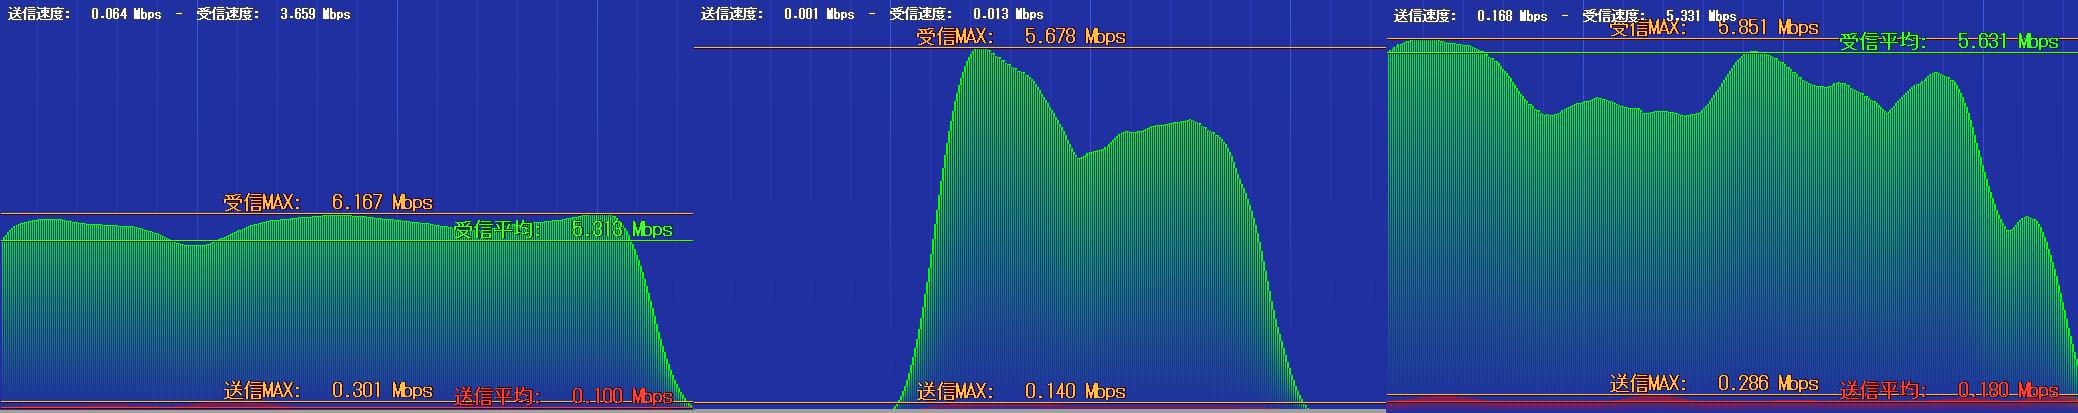 MVNO格安SIMの速度比較 7月編 UQ mobileにまた「普通」ではなくなってきた兆候が